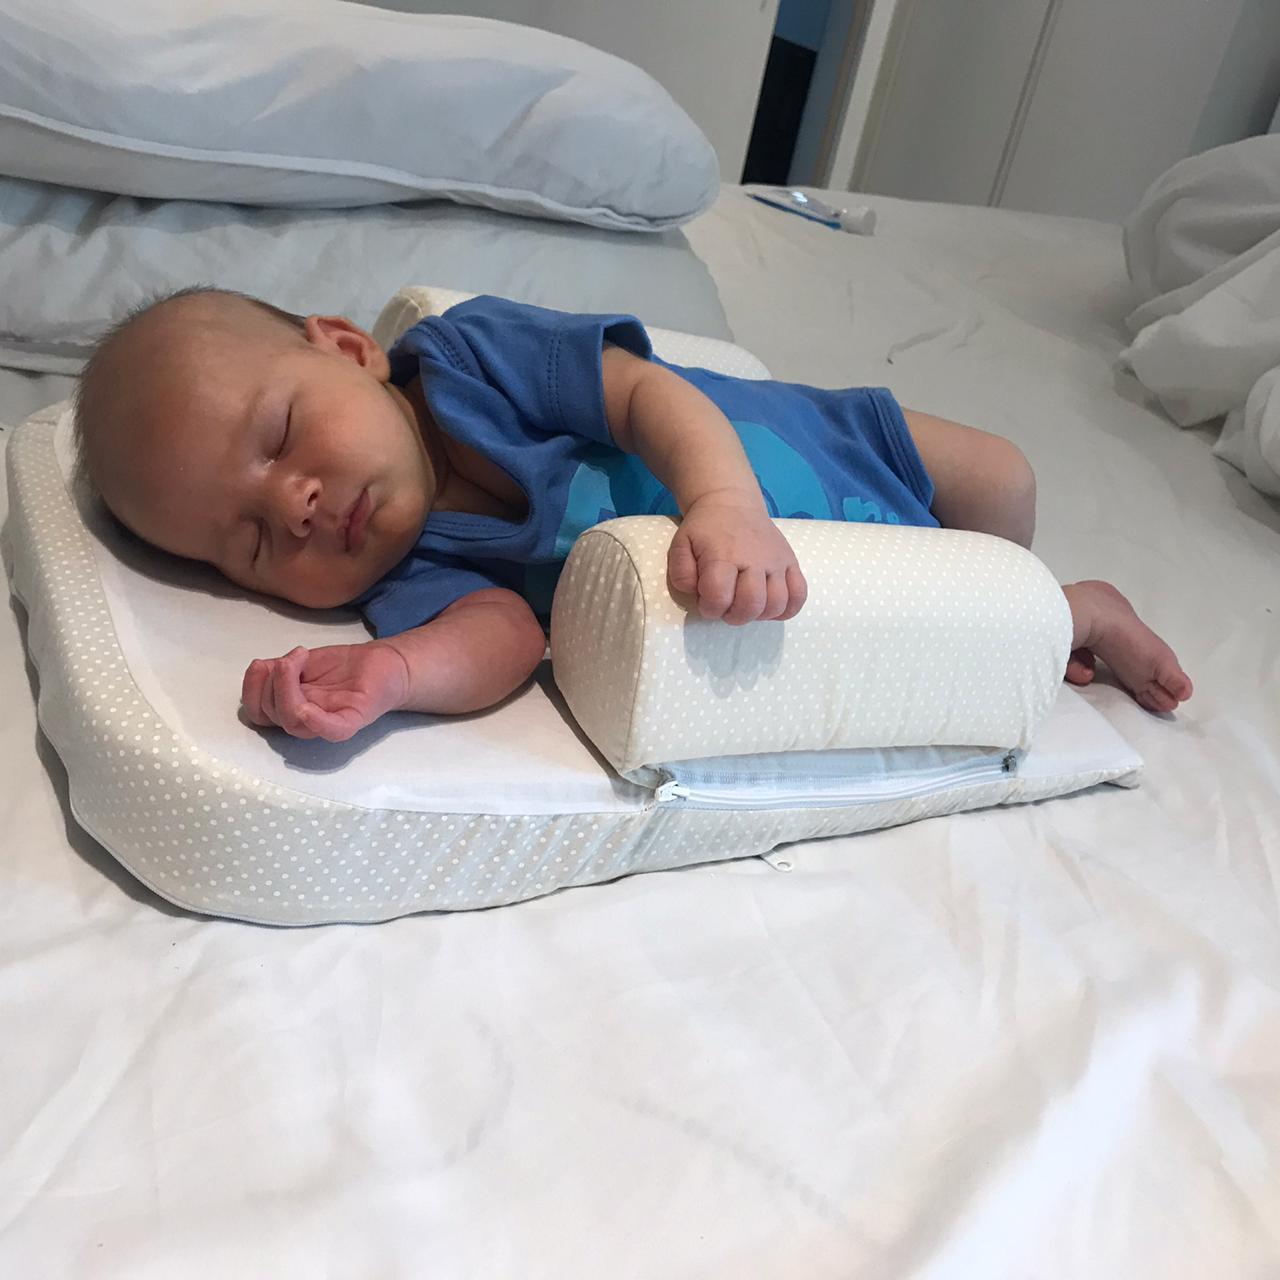 Travesseiro anti refluxo com rolinho